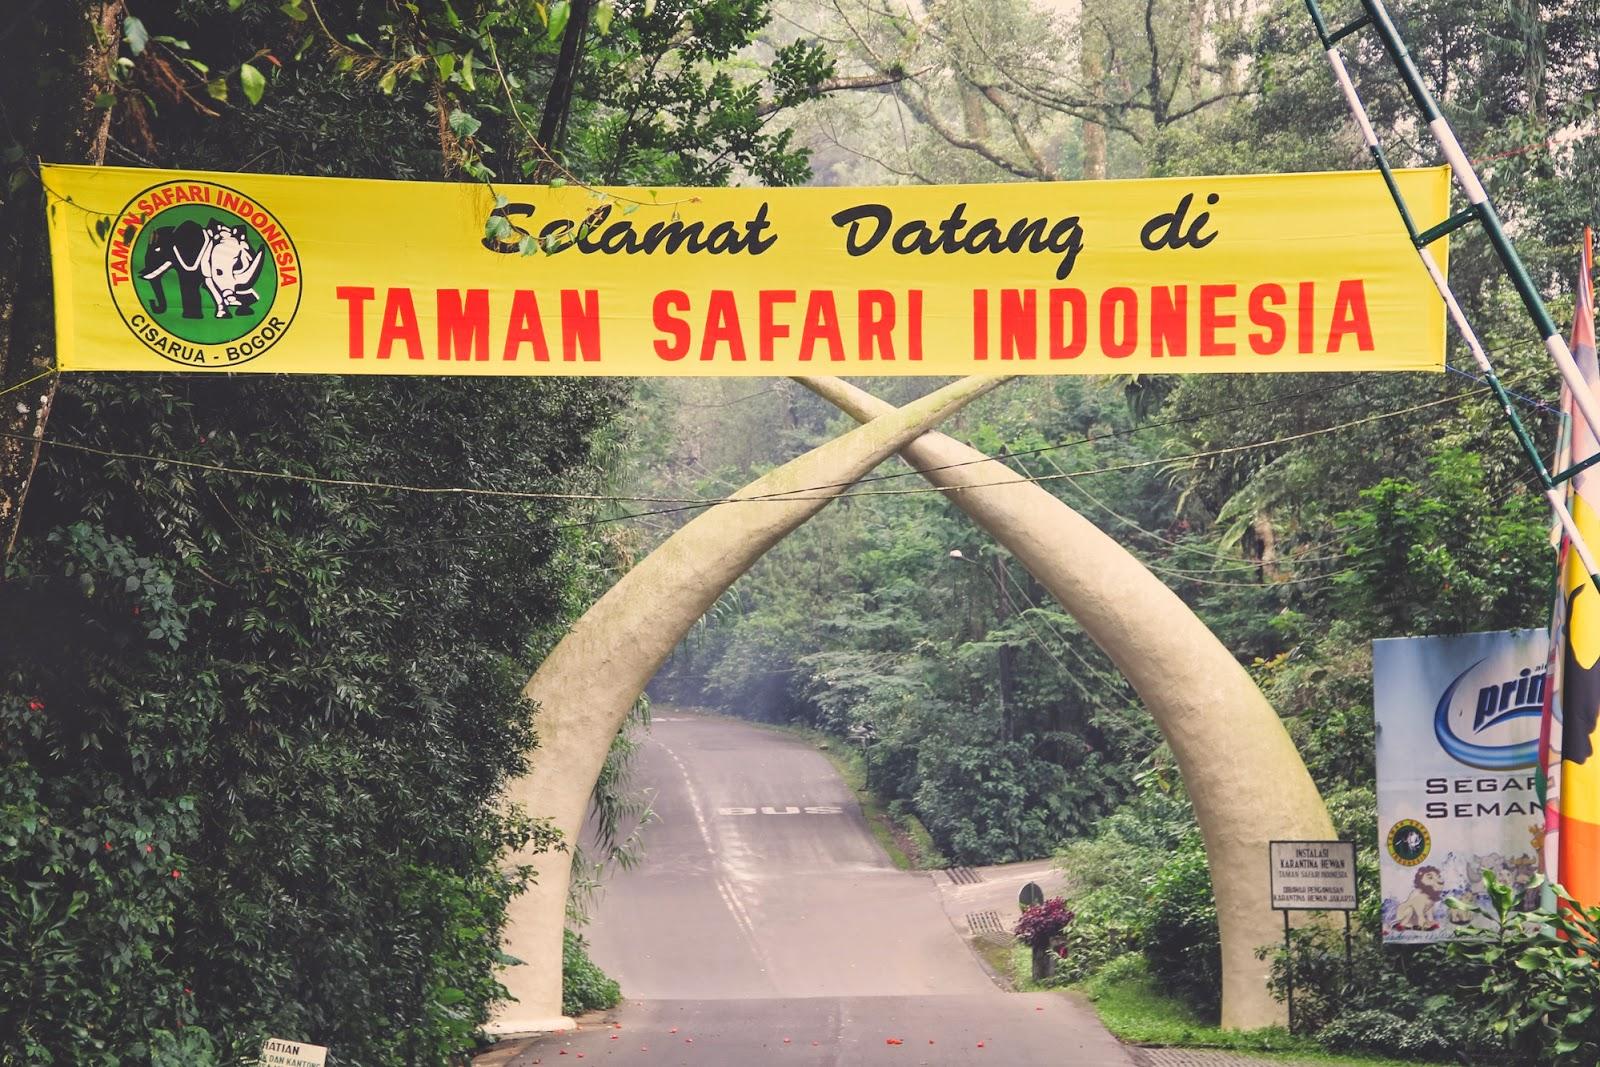 taman safari indonesia 10 Tempat Rekreasi Edukatif Terbaik di Jakarta dan Sekitarnya namenoble.com web hosting terbaik